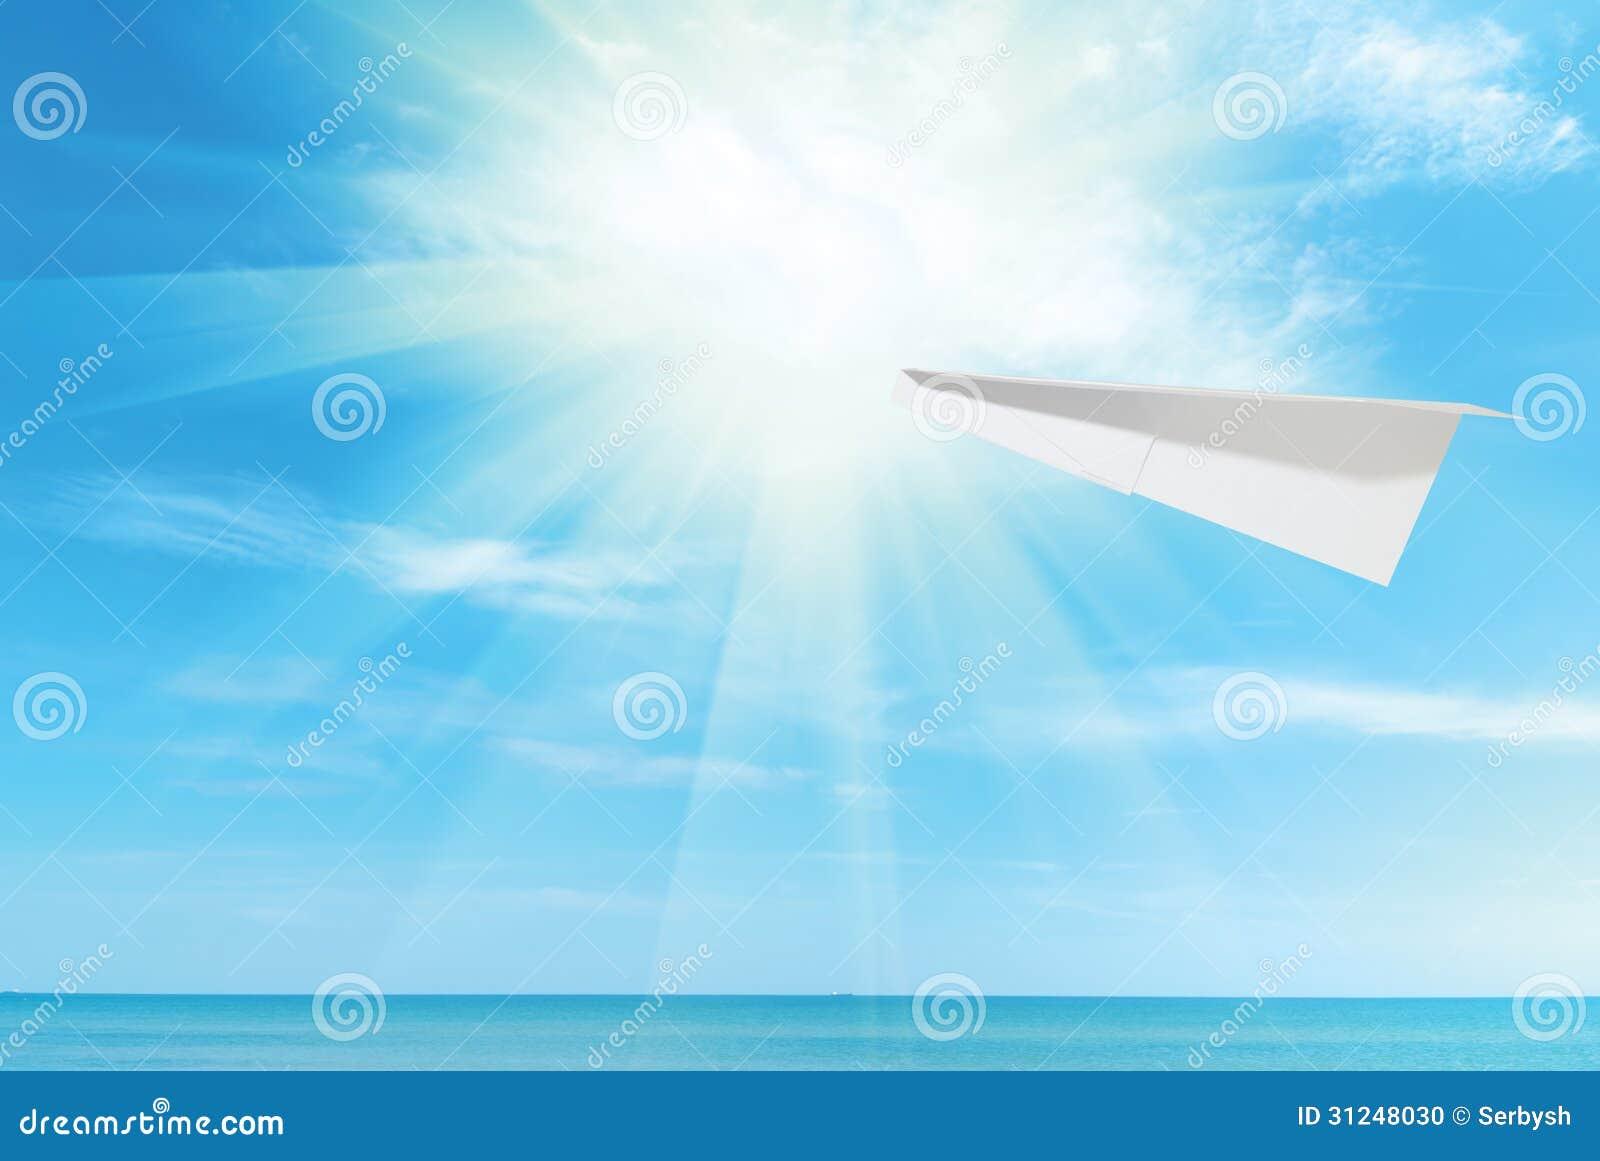 天空纸飞机图片素材